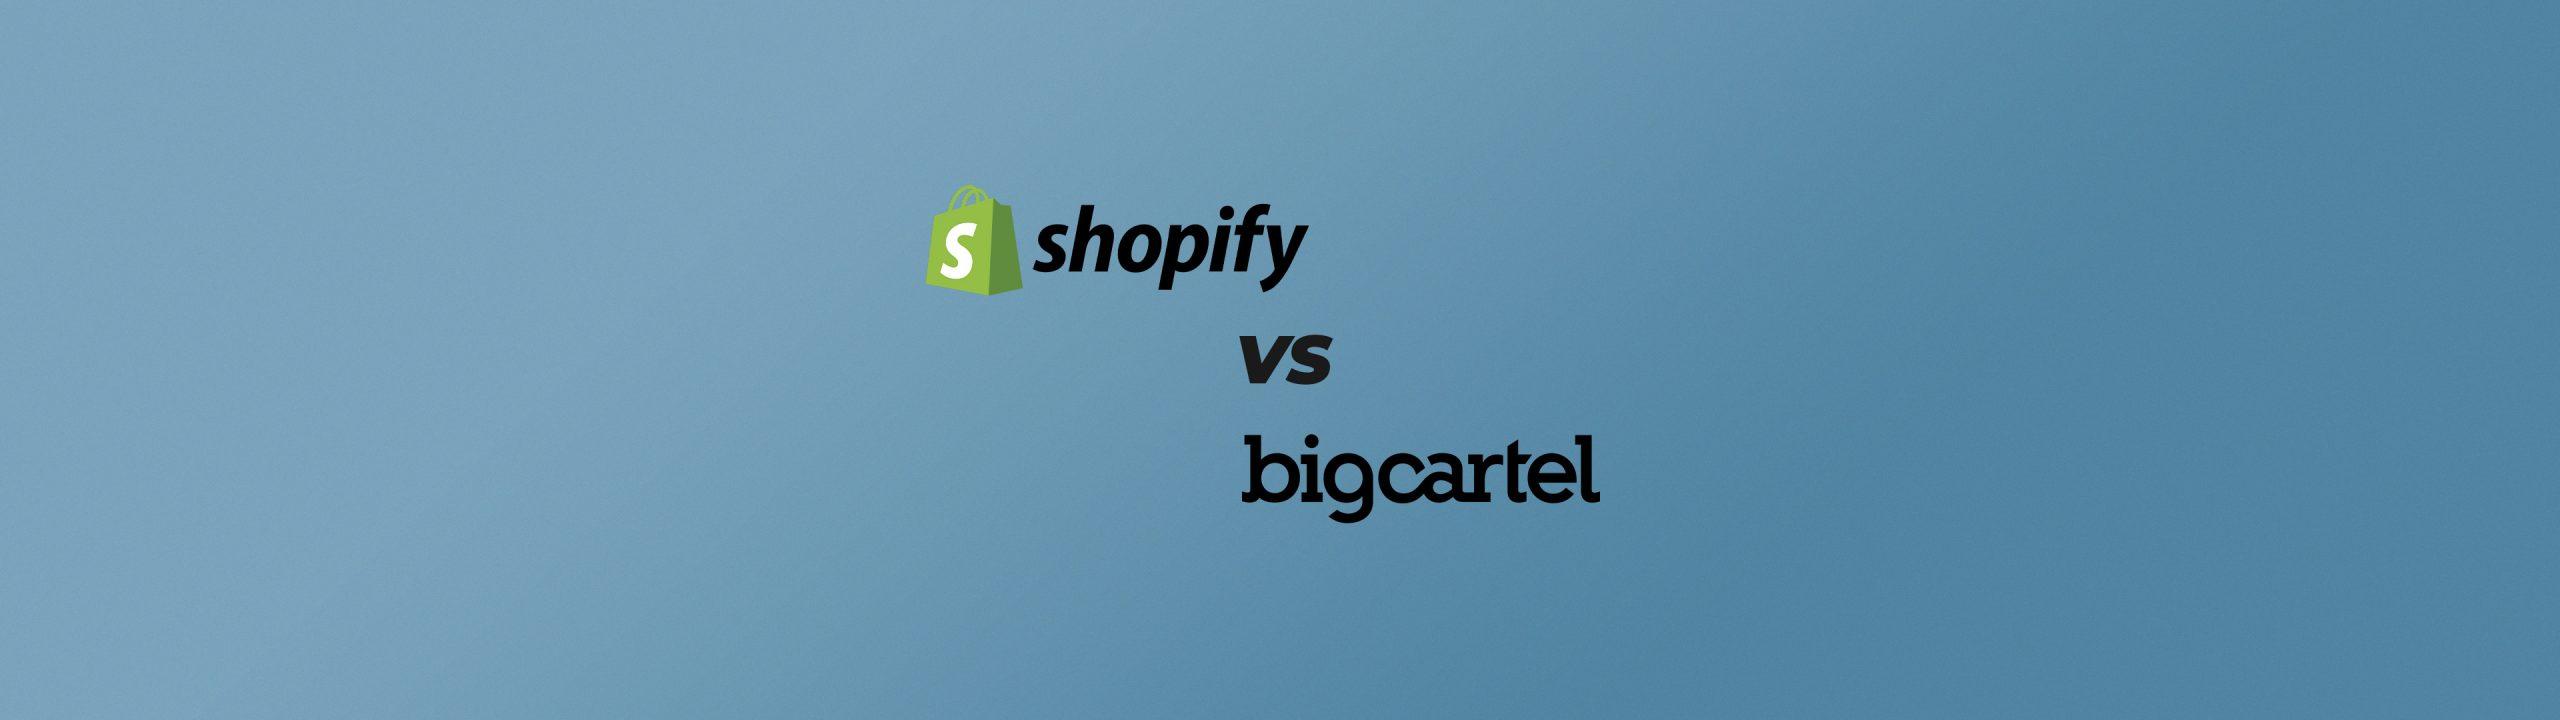 shopify big cartel